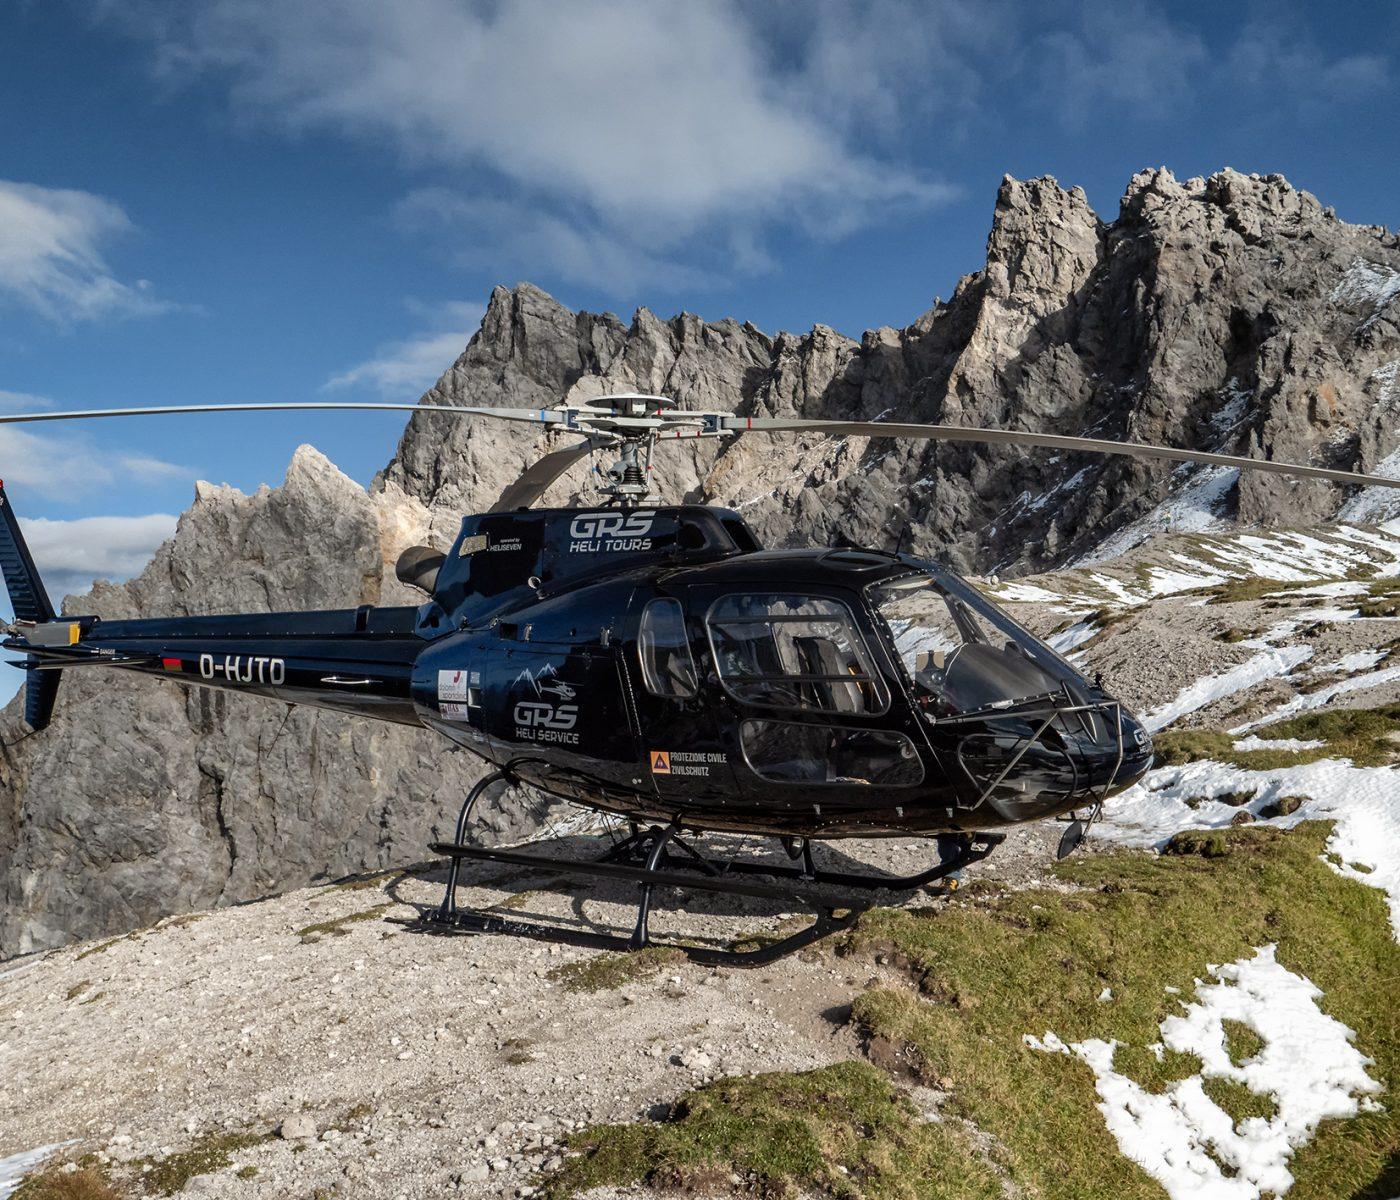 Ein Helikopter steht auf dem Gipfel eines Berges in den Alpen. Der Helikopter wurde für die Durchführung einer Schweremesskampagne angemietet.